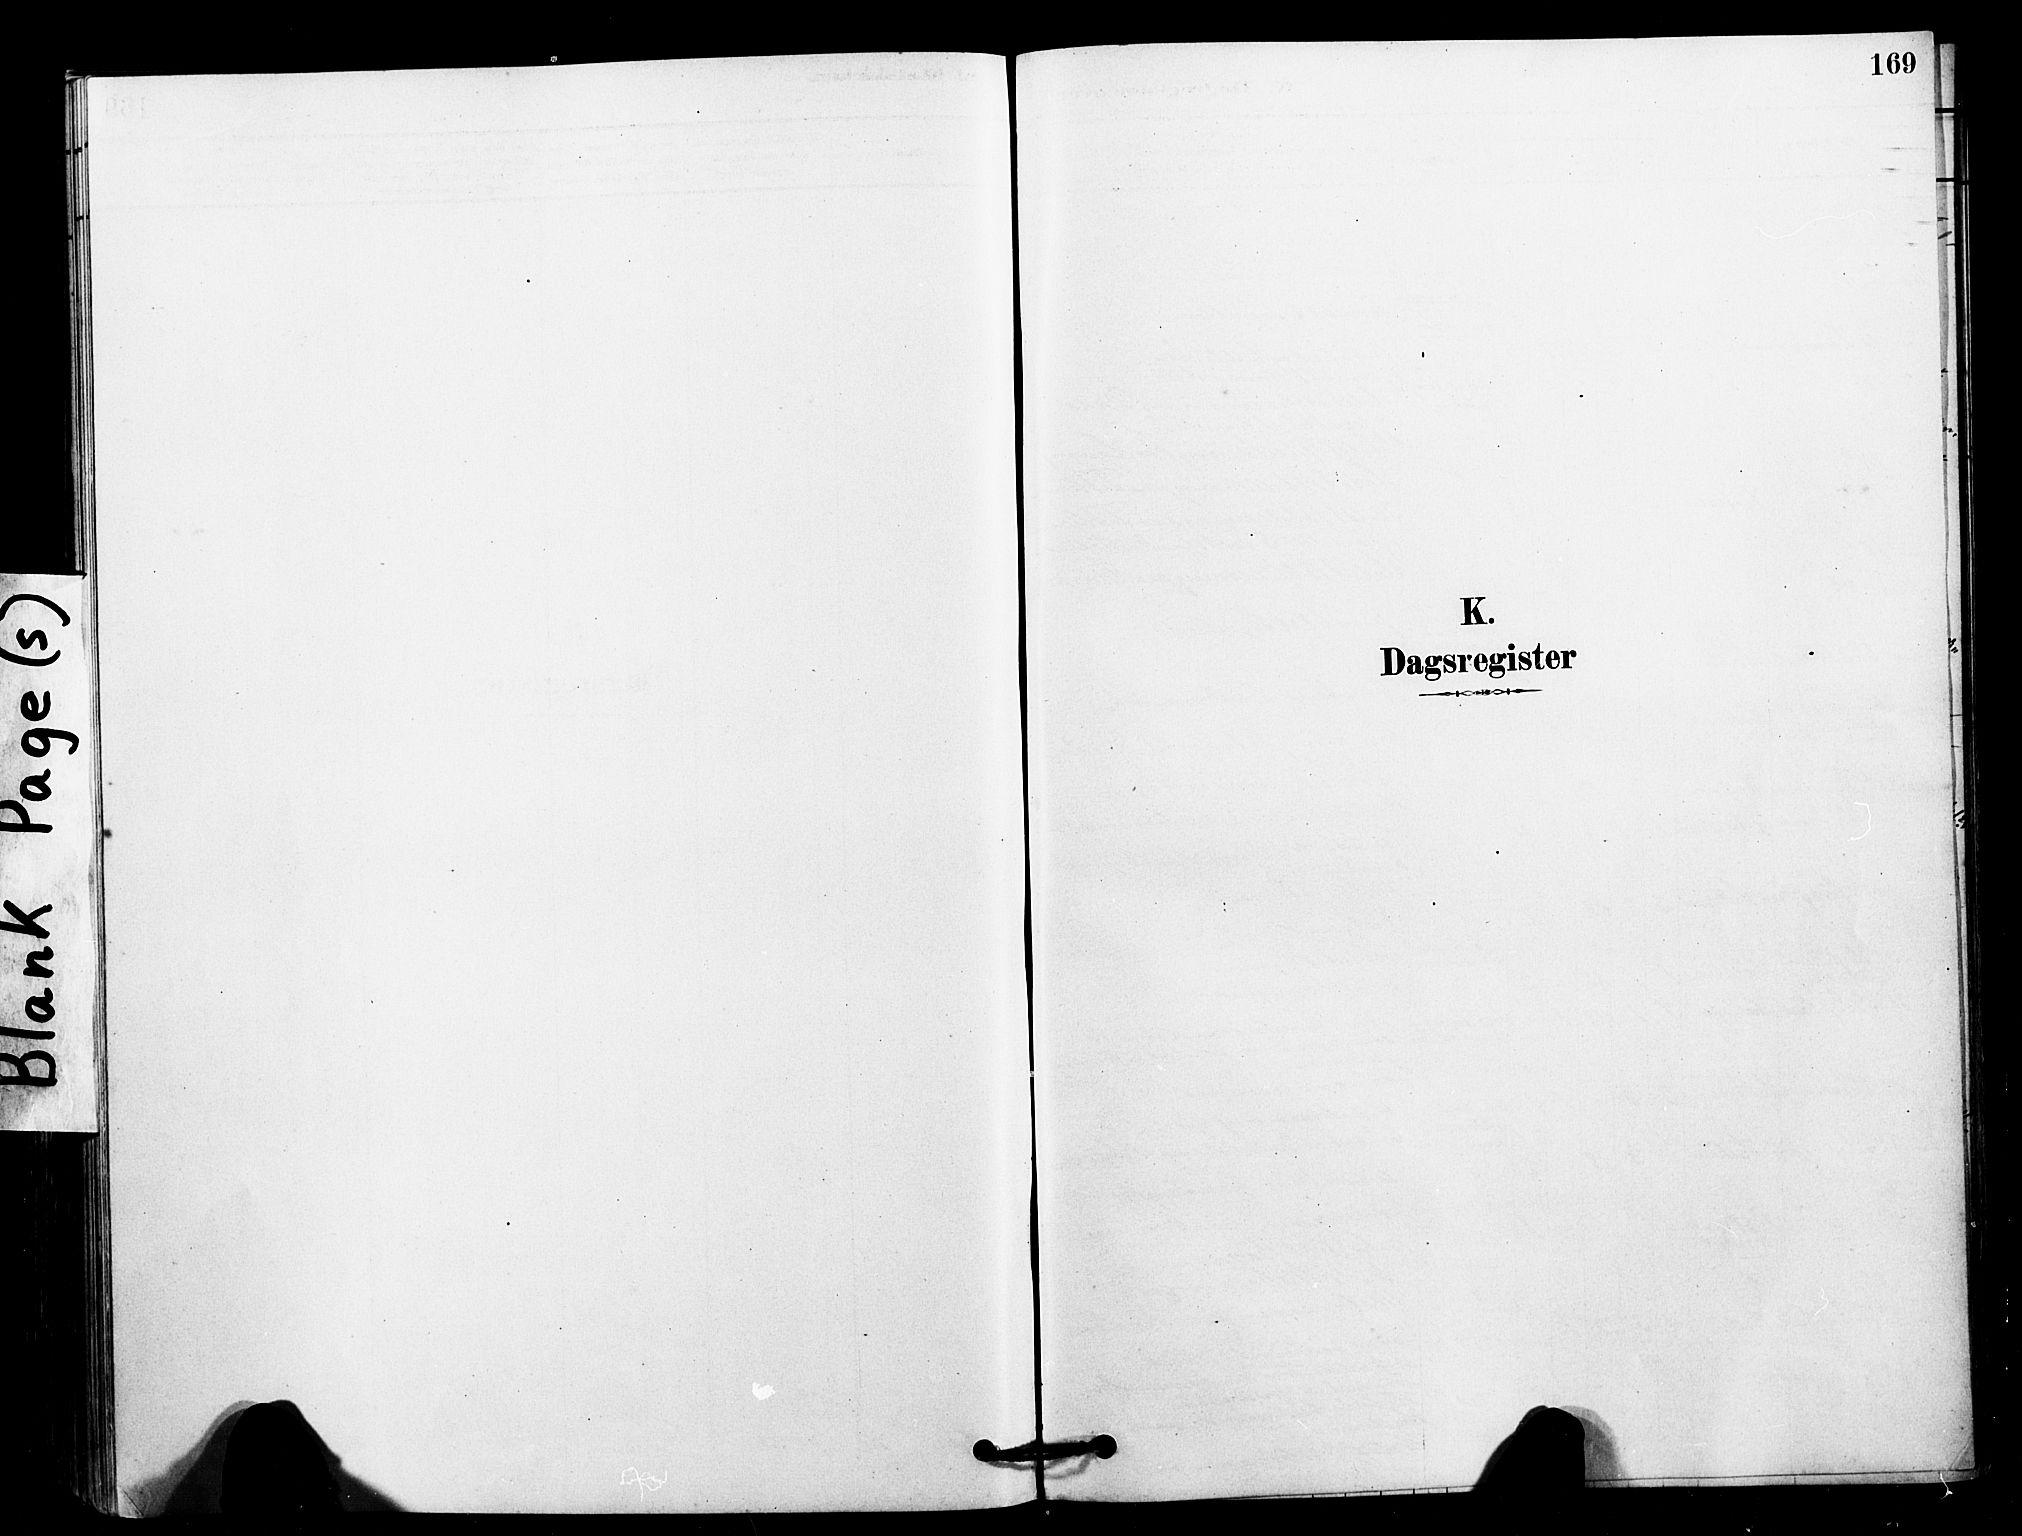 SAT, Ministerialprotokoller, klokkerbøker og fødselsregistre - Sør-Trøndelag, 641/L0595: Ministerialbok nr. 641A01, 1882-1897, s. 169